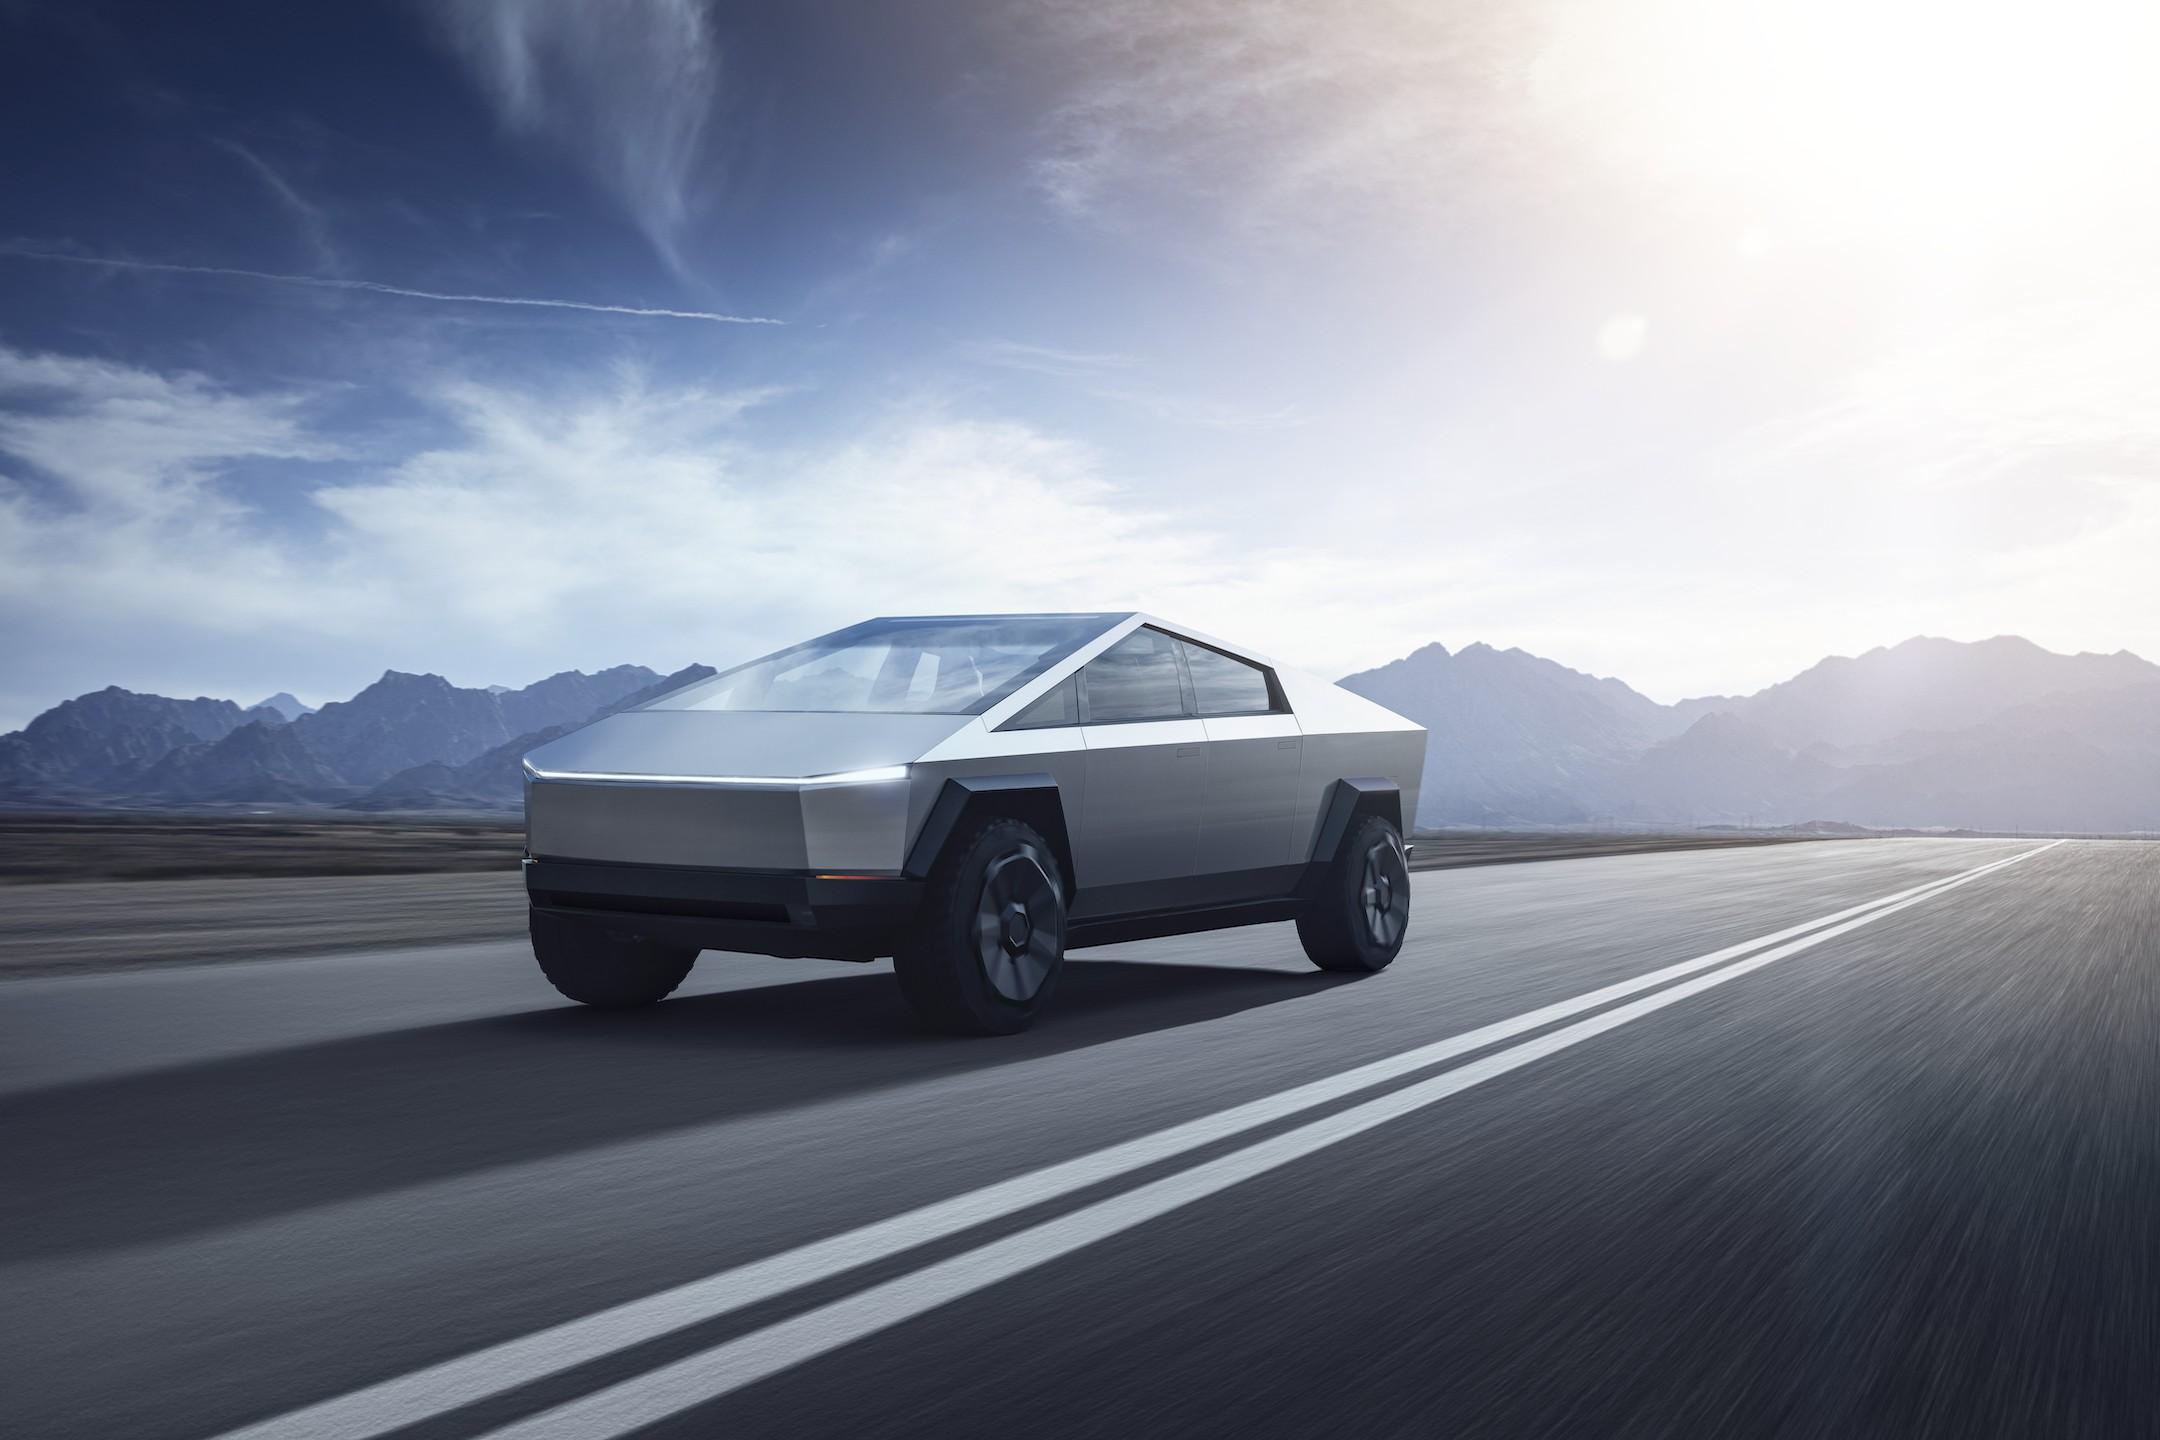 Несколько дней назад Tesla официально представила свой пикап под названием Cybertruck. Илон Маск в своём Твиттере рассказал о количестве предзаказов, полученных фирмой сразу после презентации новинки.